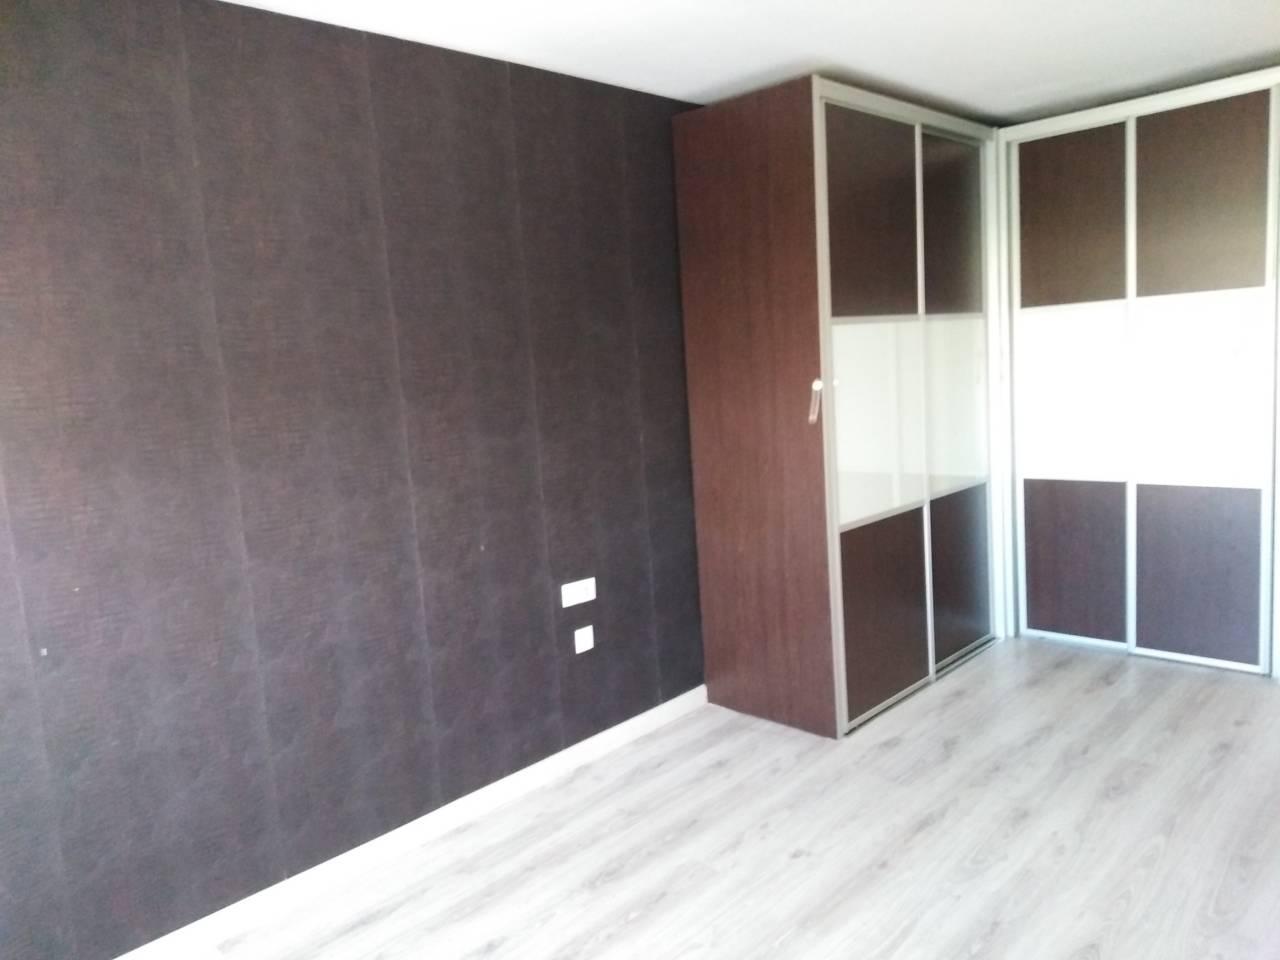 Lloguer Casa  Can periquet. Superf. 180 m²,  4 habitaciones (3 dobles,  1 individual),  2 ba